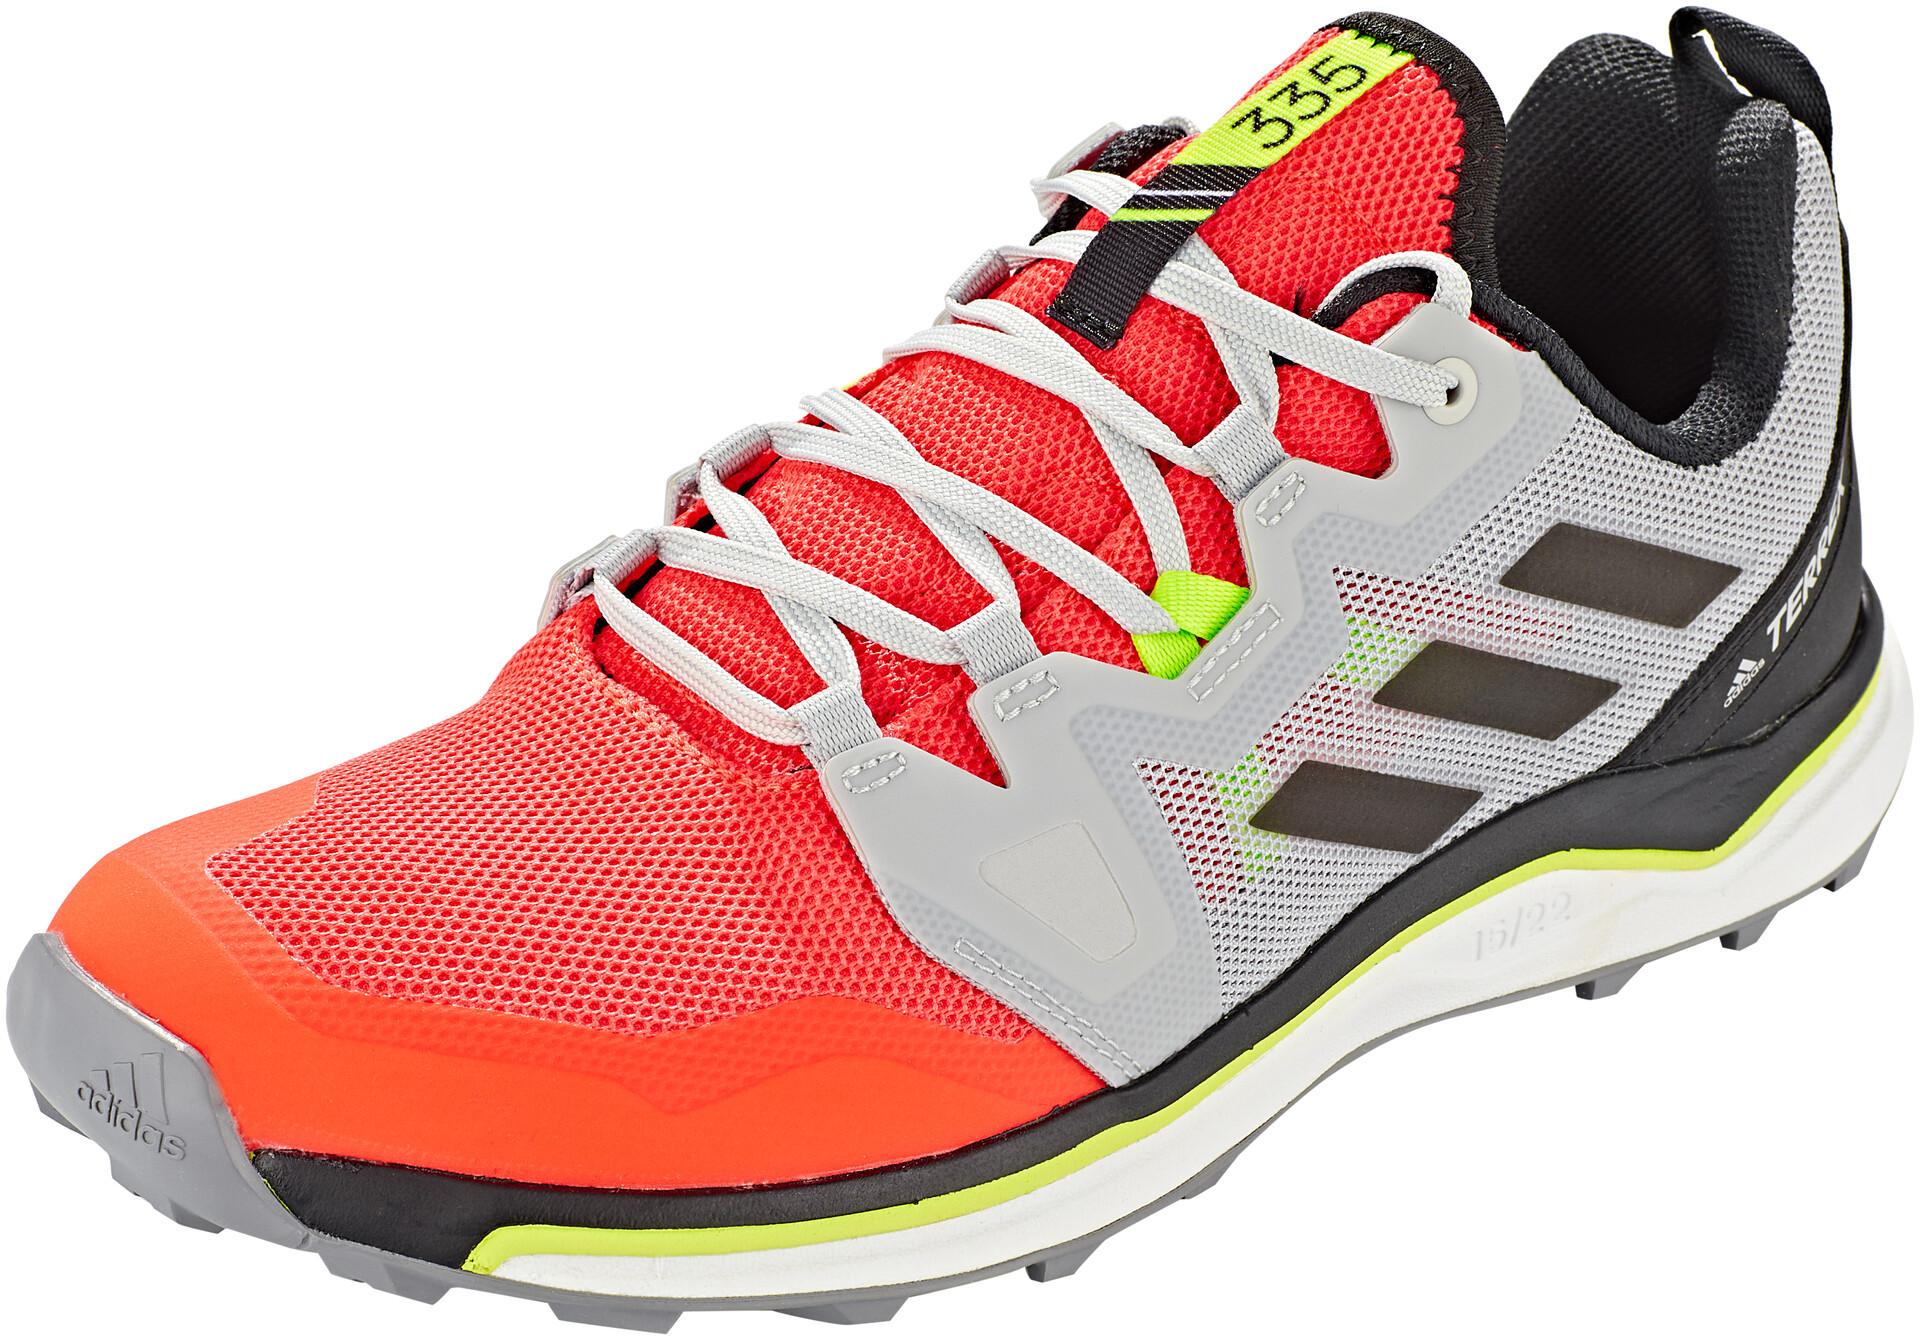 adidas TERREX Agravic Buty biegowe Mężczyźni, solar redcore blackgrey two